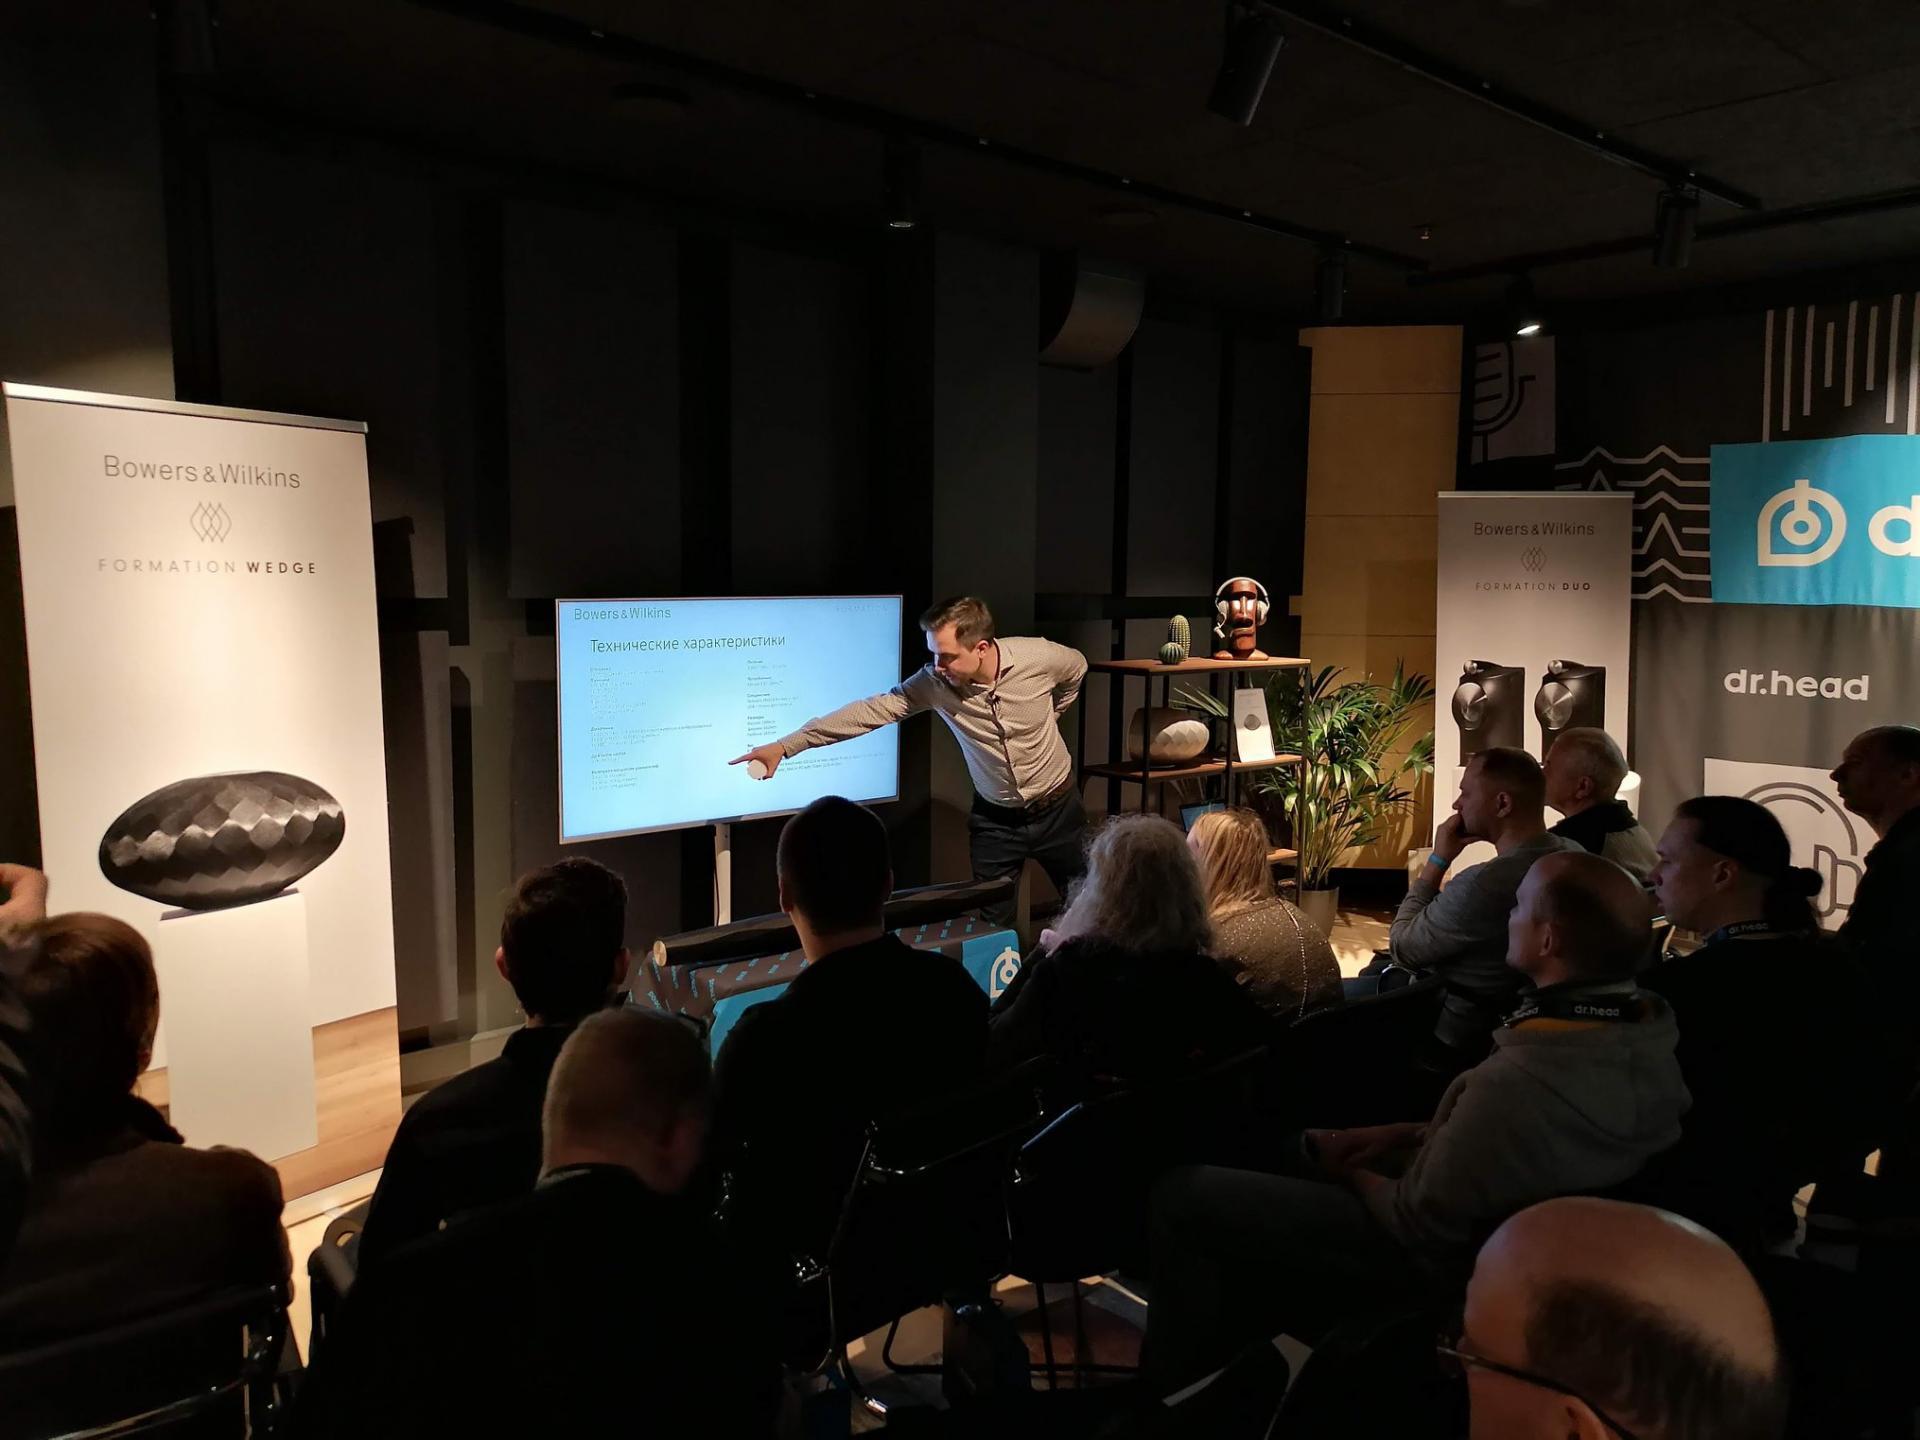 Презентация новой акустической системыBowers & Wilkins прошла вмагазине Dr.Head